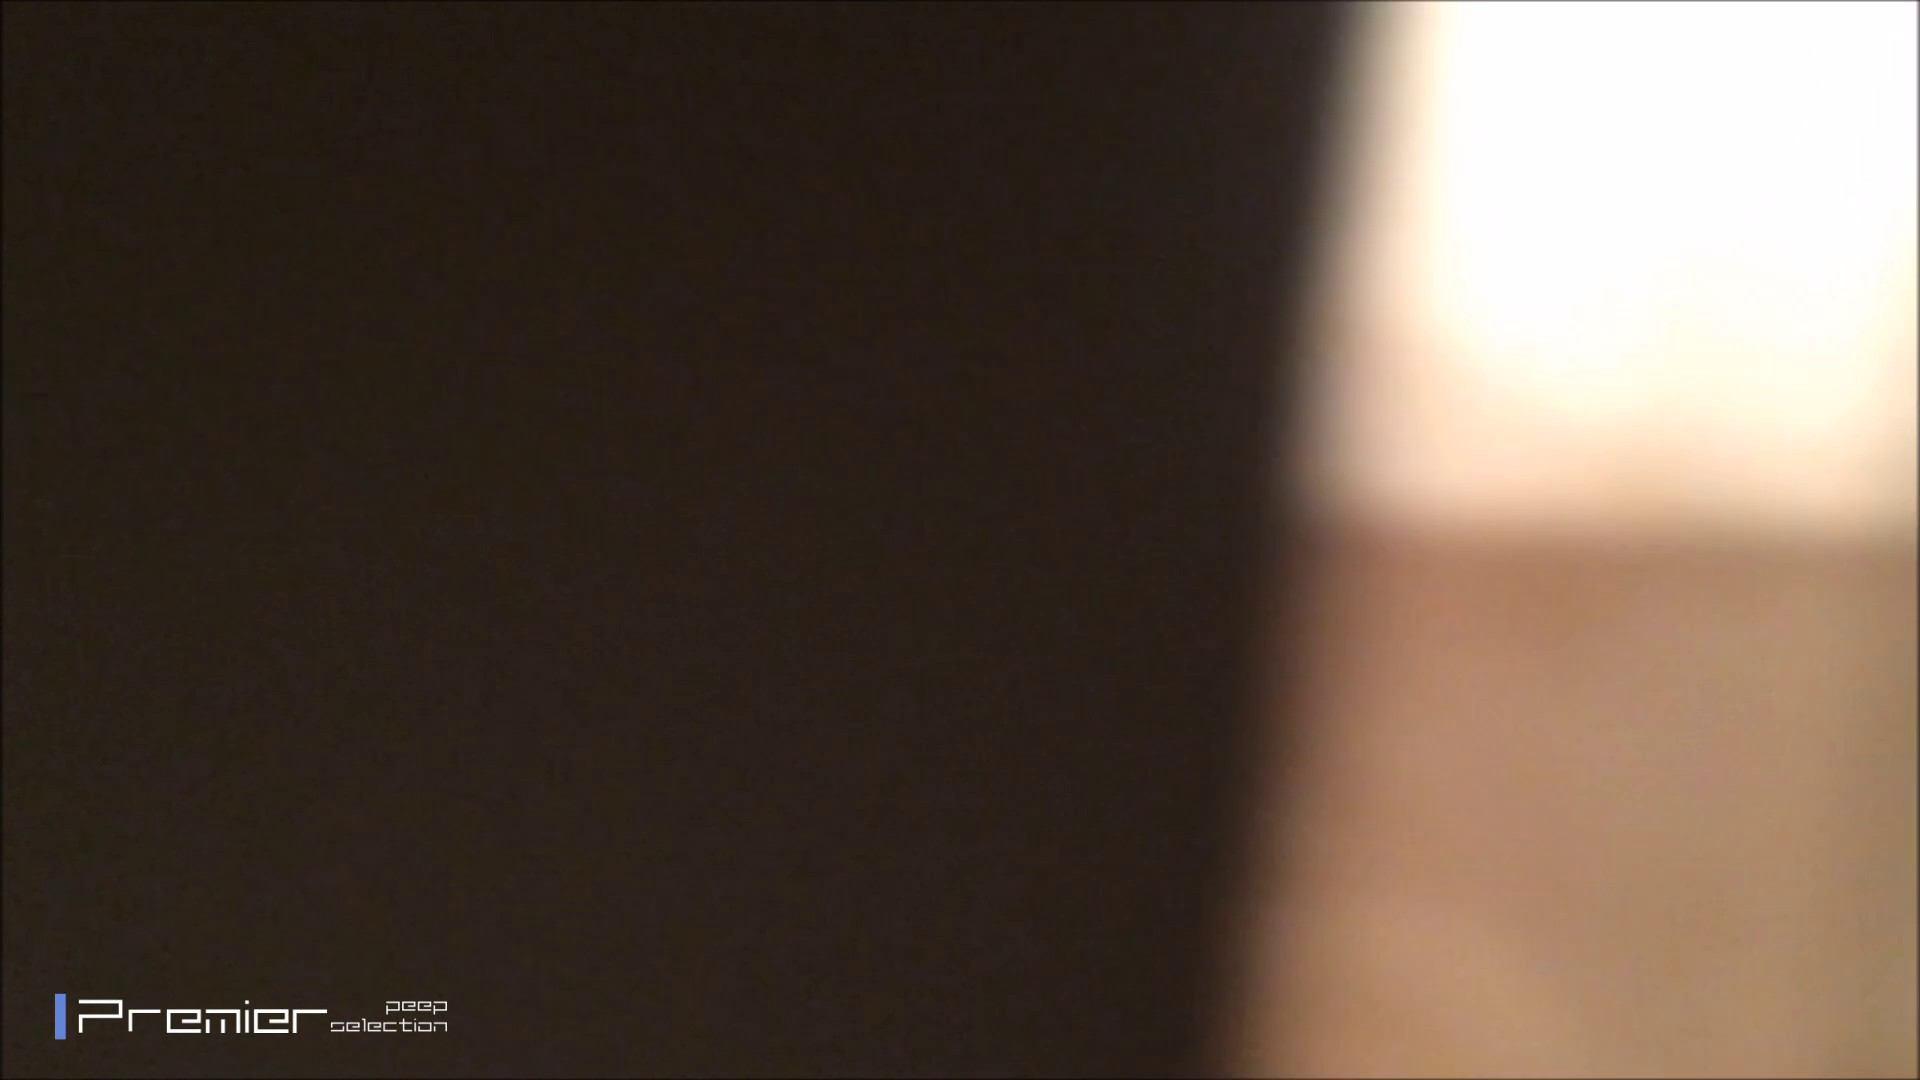 シャワーのお湯を跳ね返すお肌 乙女の風呂場 Vol.03 美しいモデル 盗み撮り動画キャプチャ 98連発 5